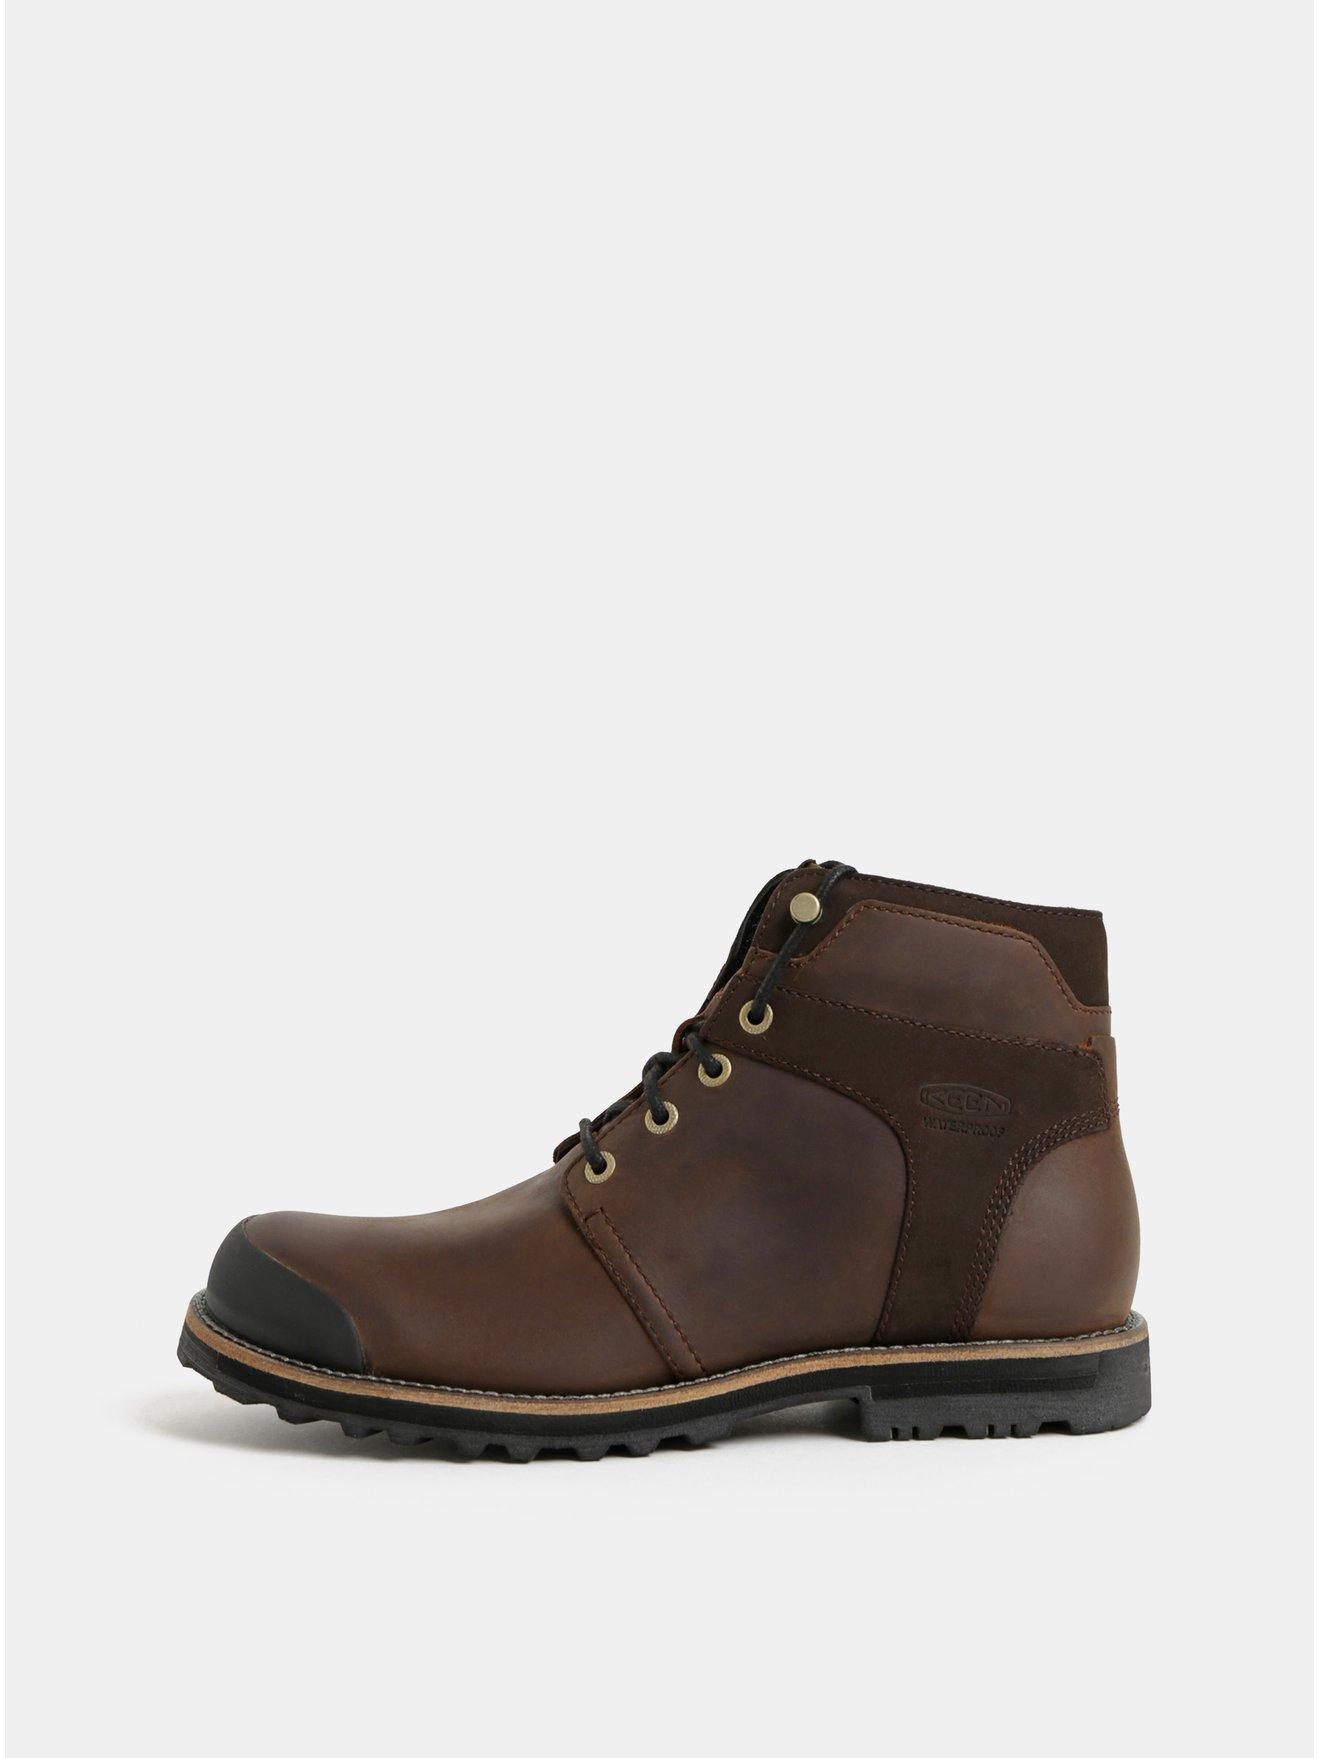 Tmavě hnědé pánské kožené voděodolné kotníkové boty Keen Rocker